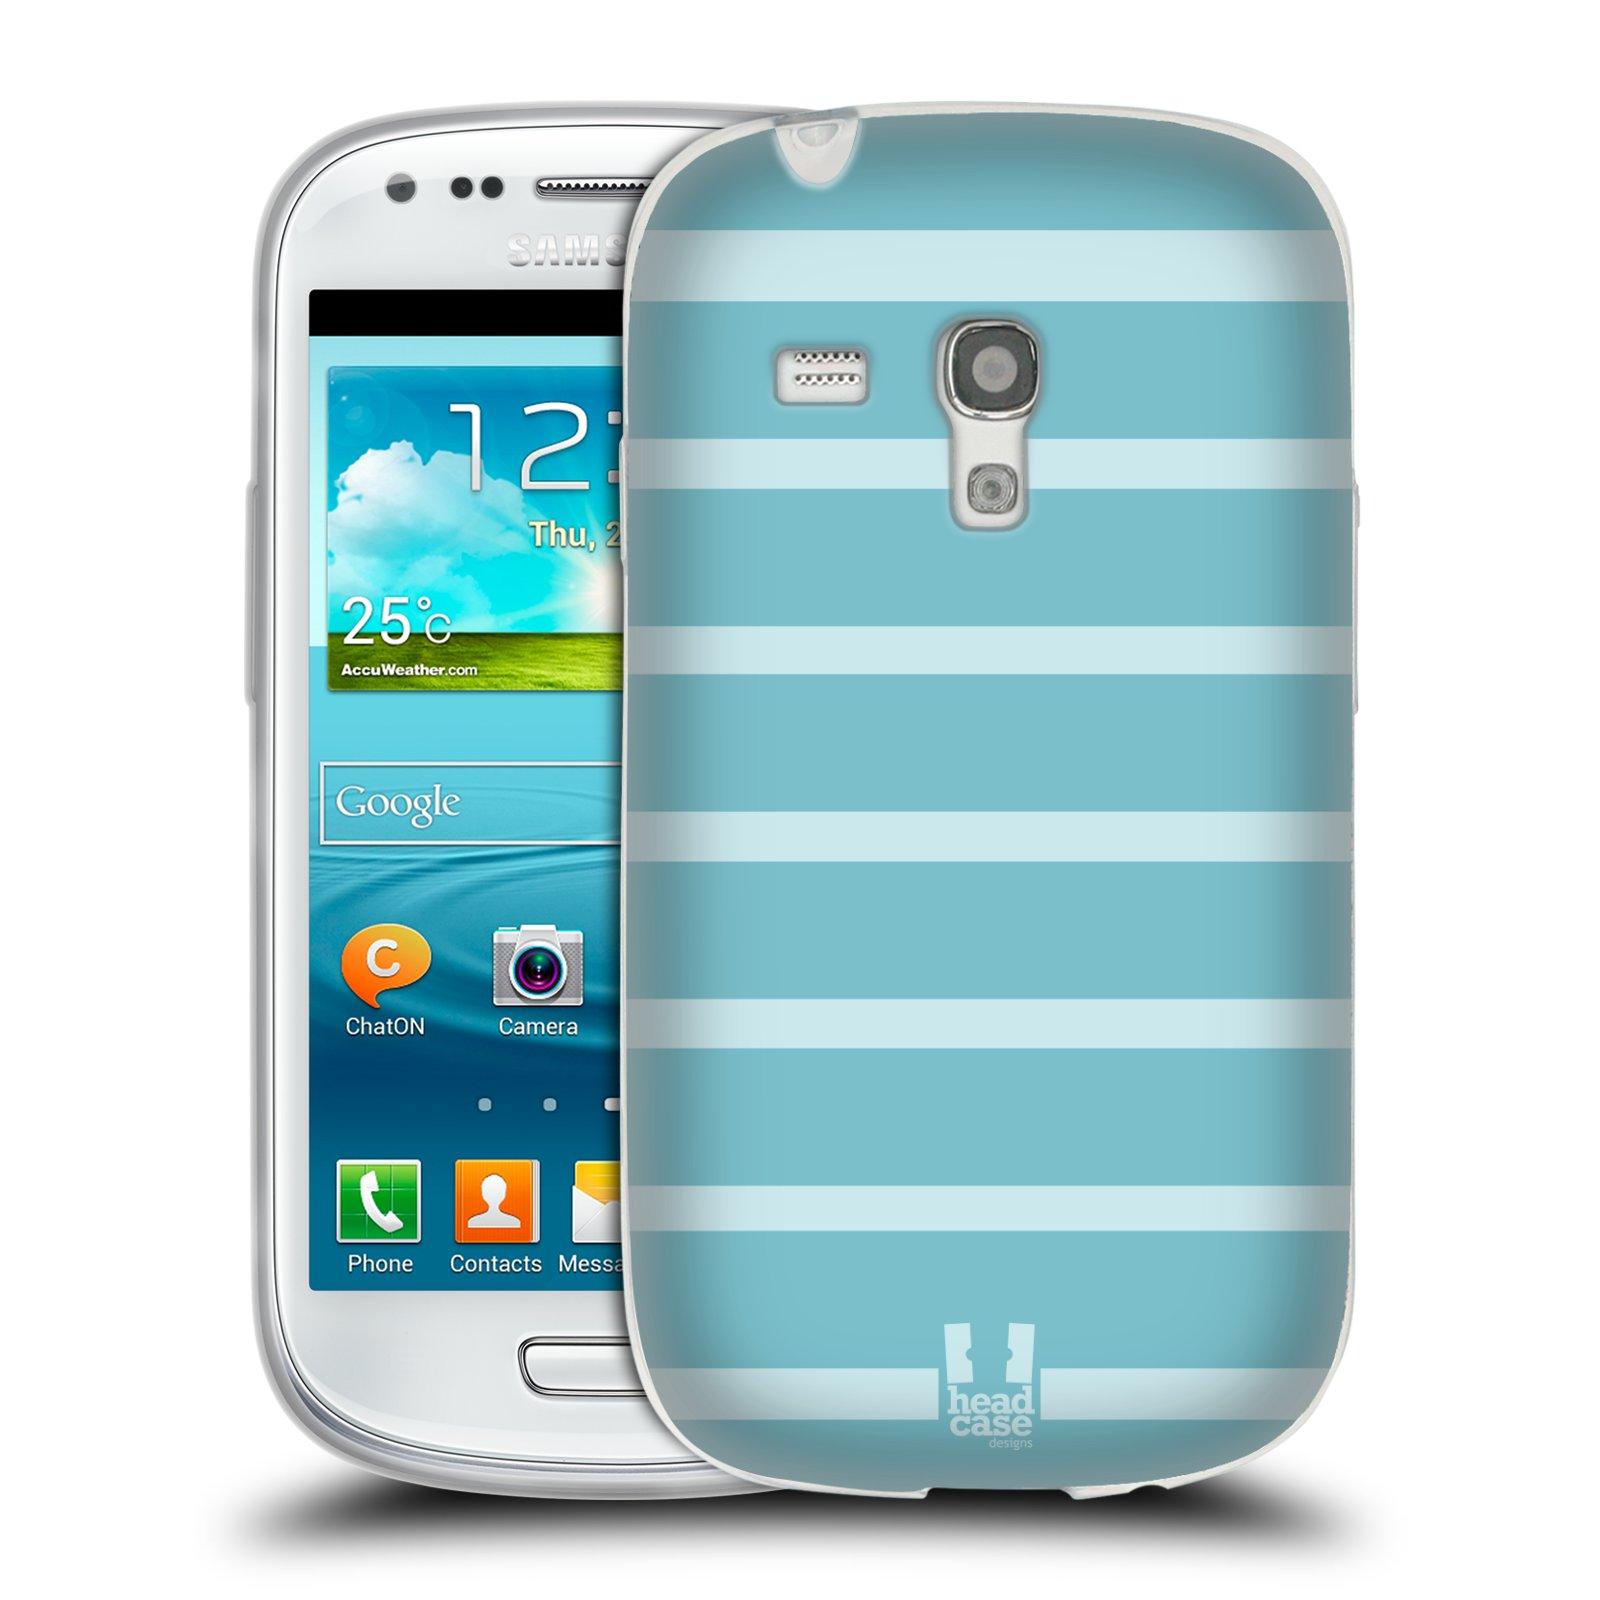 HEAD CASE silikonový obal na mobil Samsung Galaxy S3 MINI i8190 vzor Barevné proužky MODRÁ A BÍLÁ